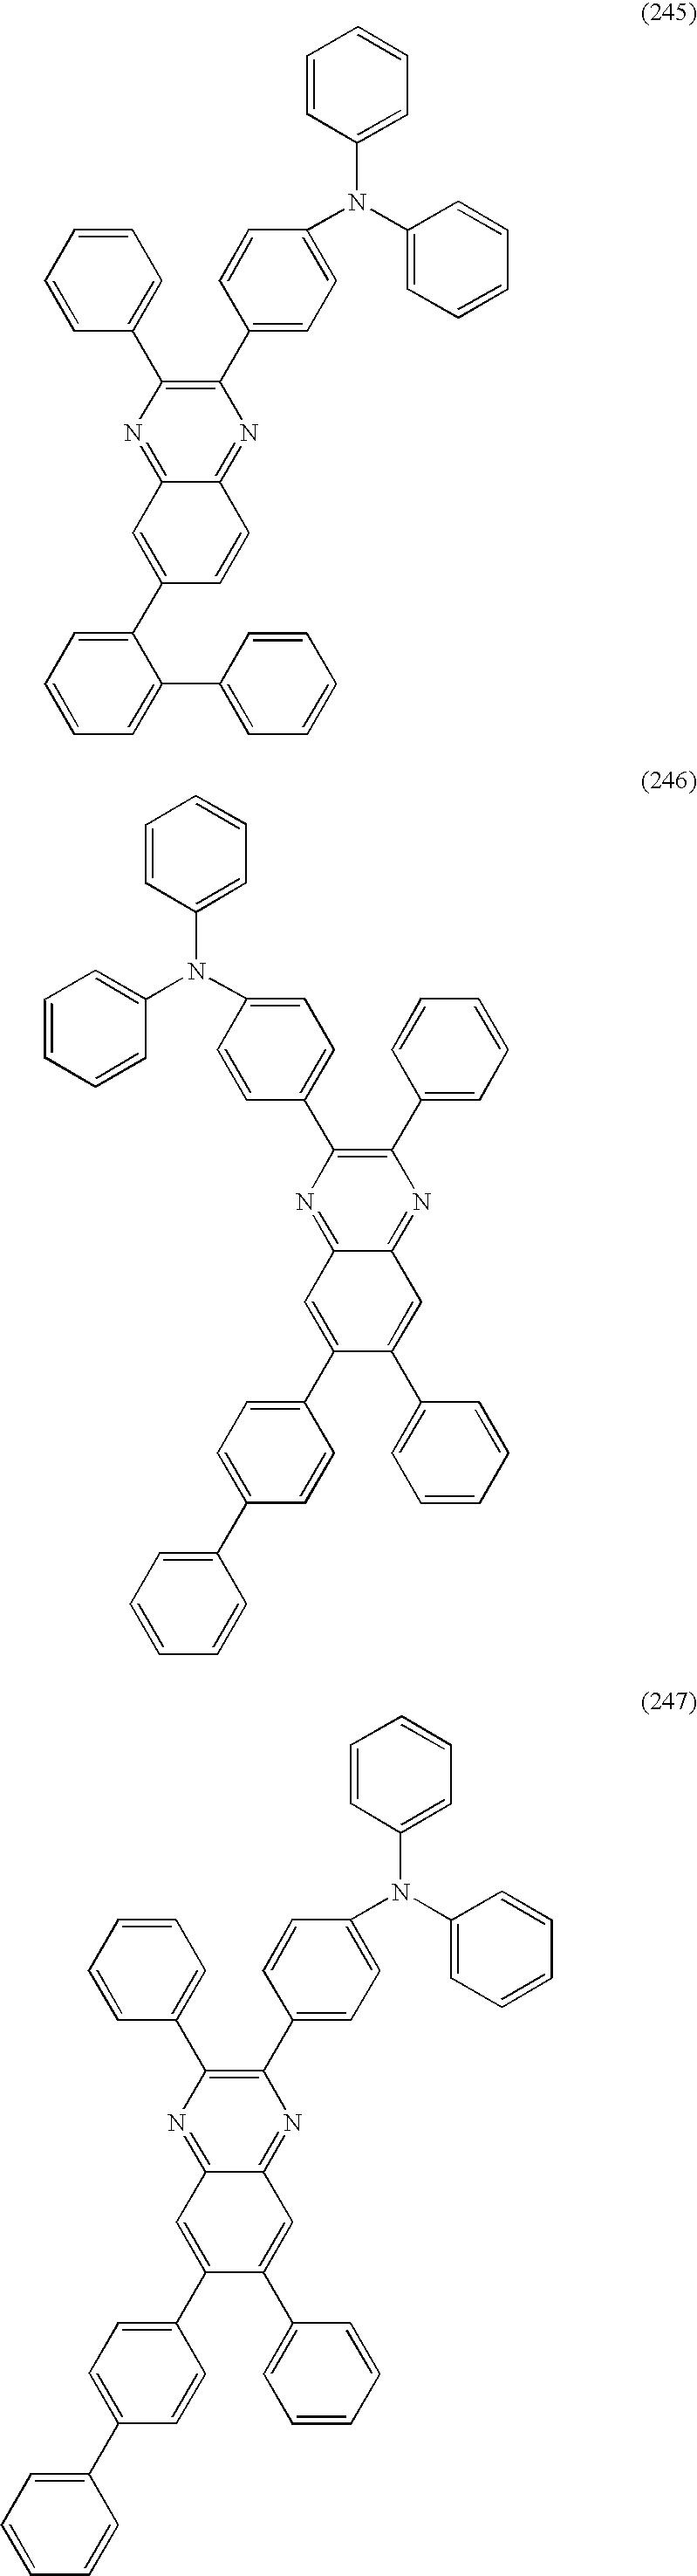 Figure US08178216-20120515-C00083